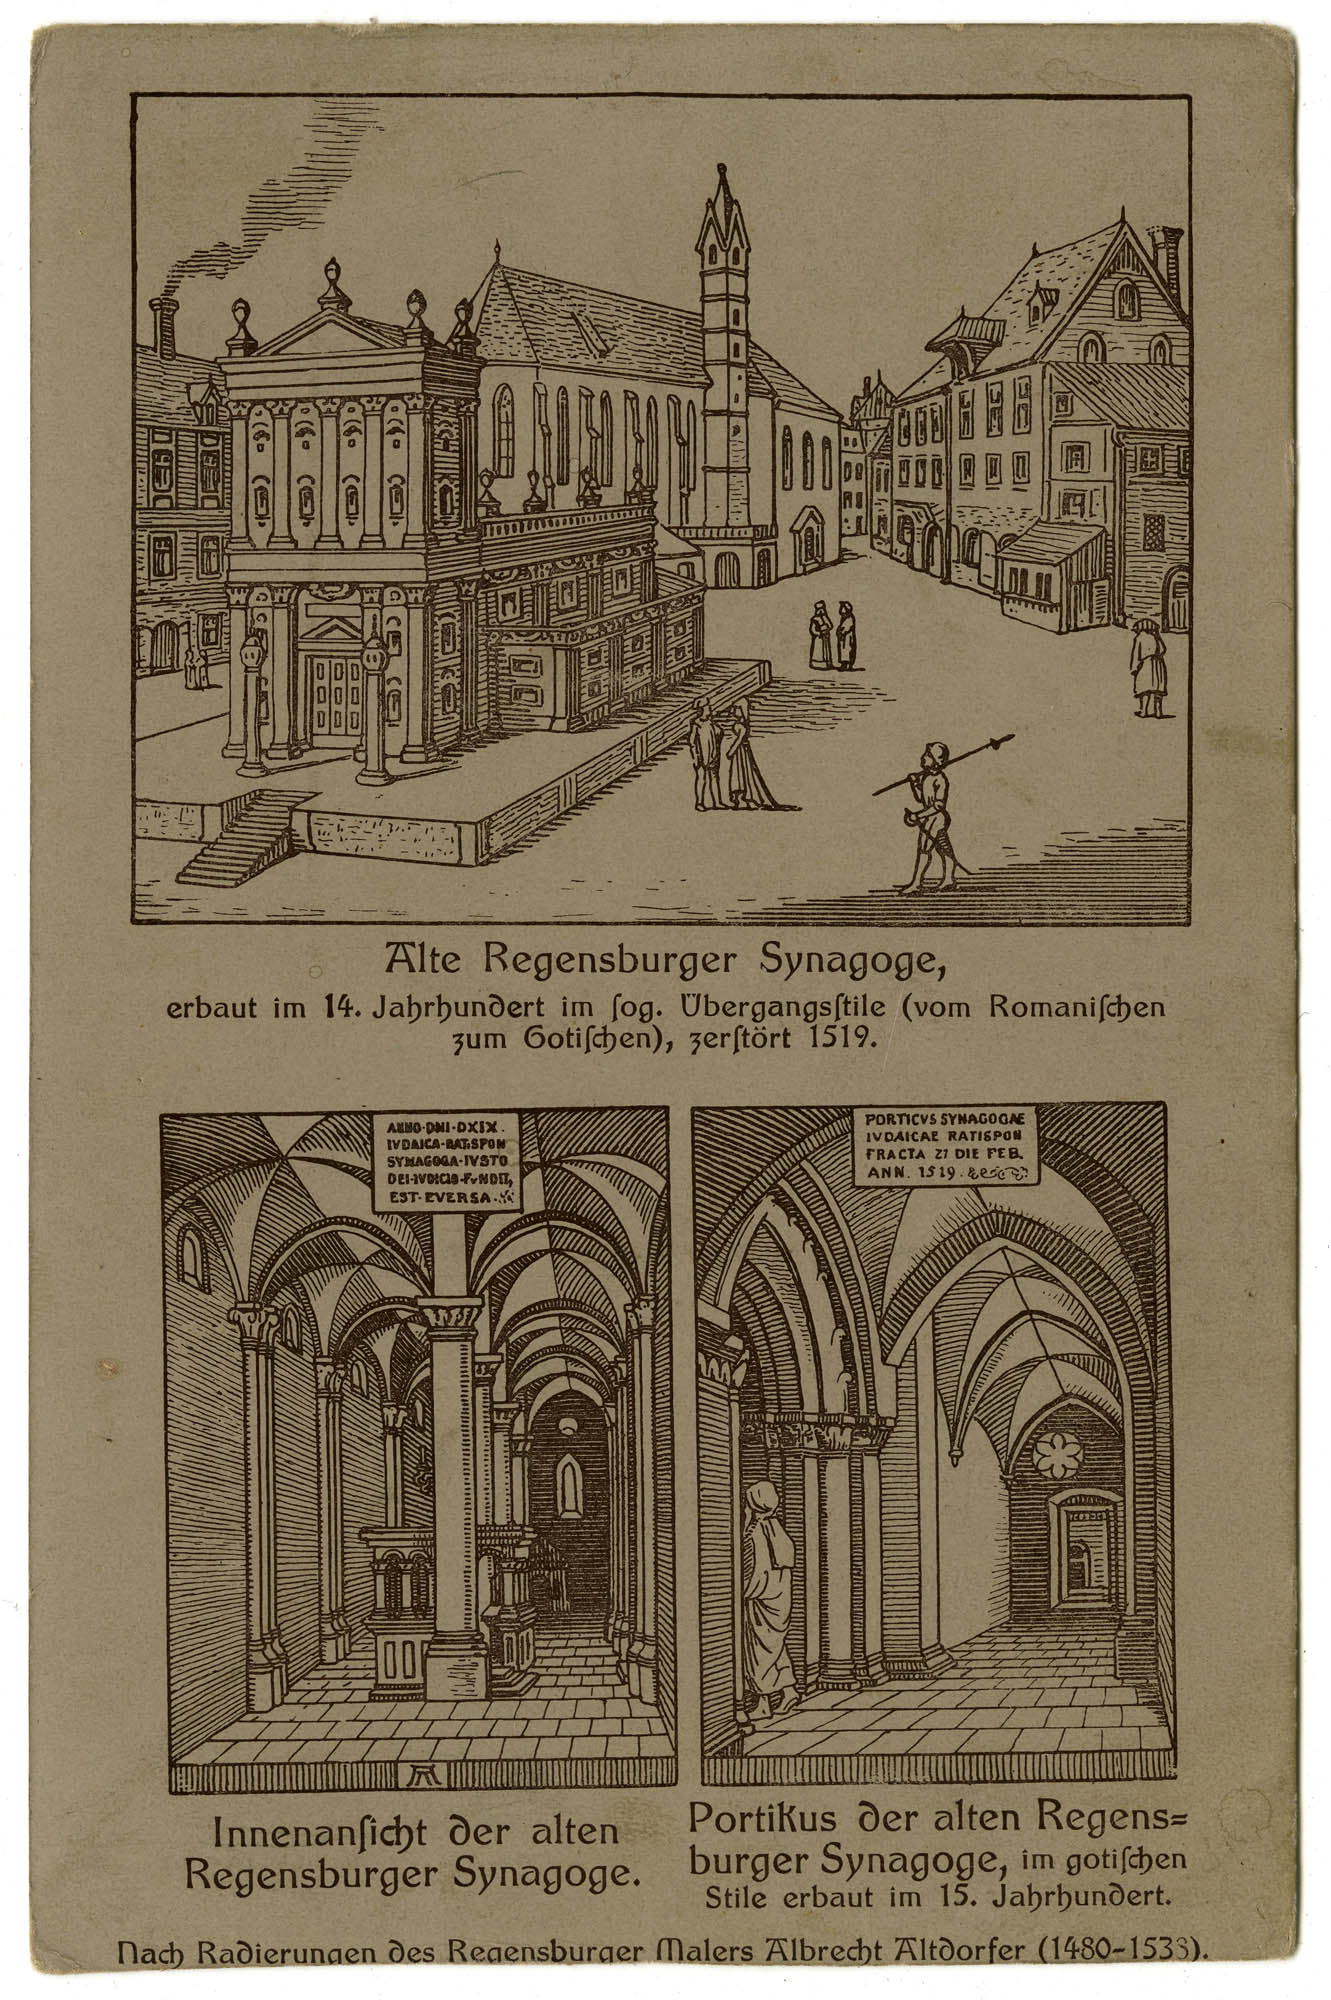 Alte Regensburger Synagoge, erbaut im 14. Jahrhundert im sog. Übergangsstile (vom Romanischen zum Gotischen), zerstört 1519.